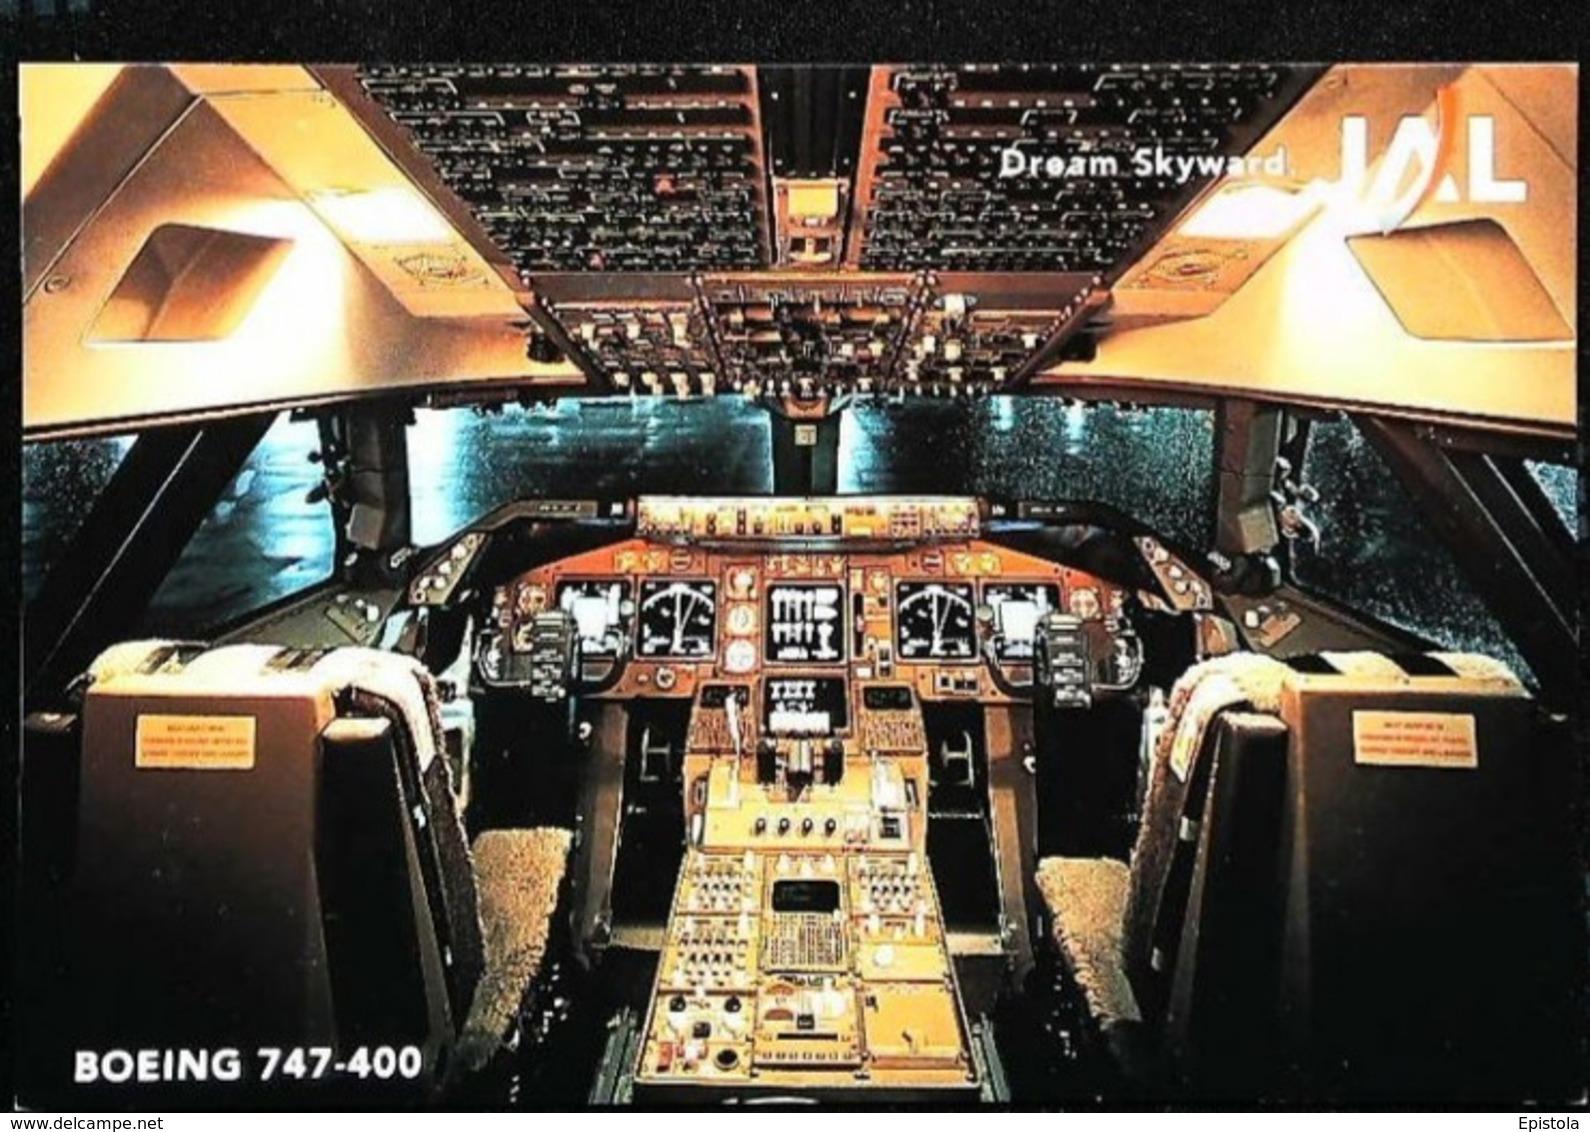 Intérieur COCKPIT - Boeing 737-400 - JAL Japon Airlines - Avionique (Avionics Avionica) - GPS/Radios